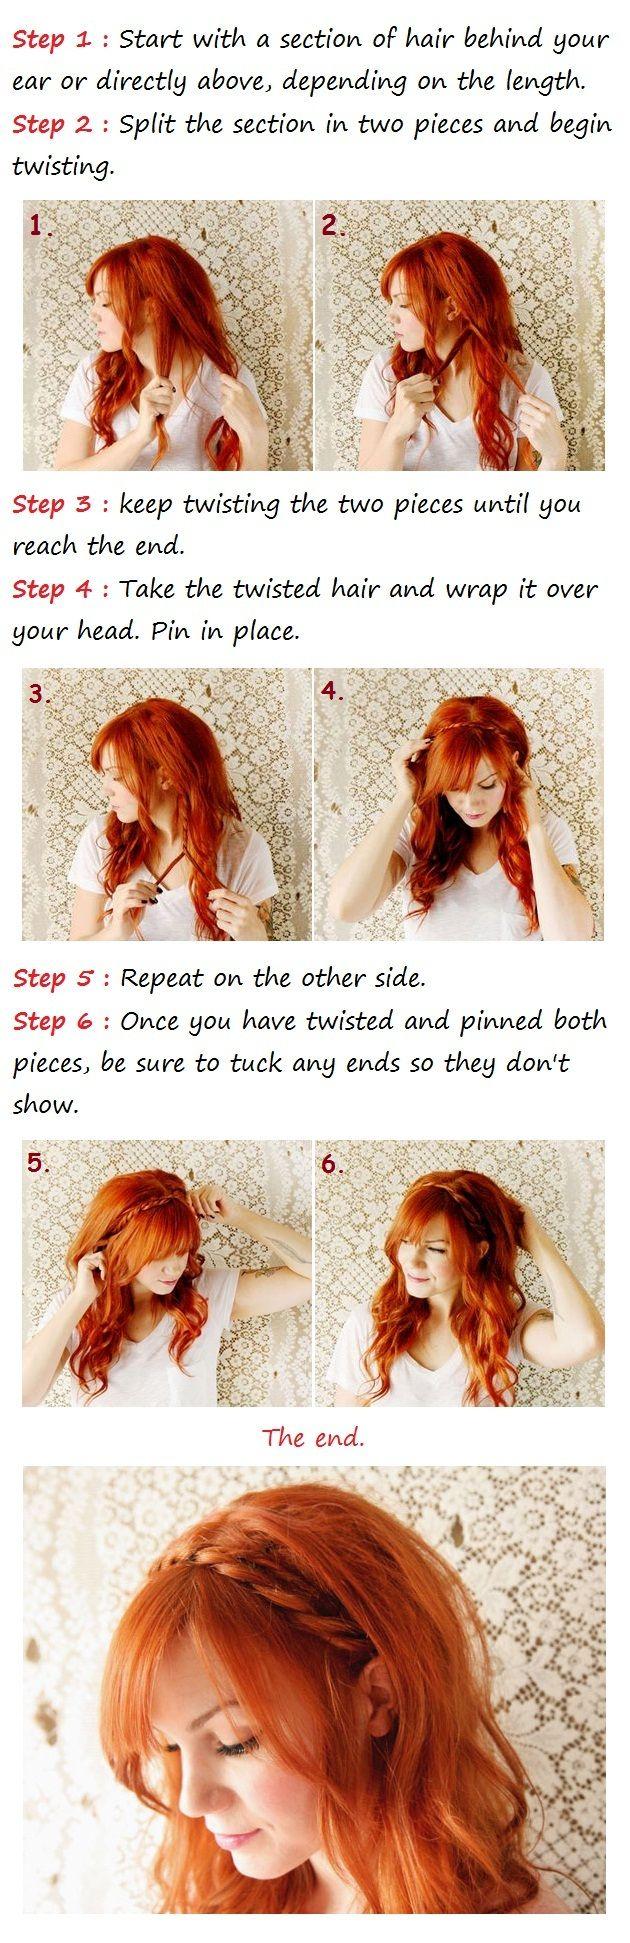 hair idea one